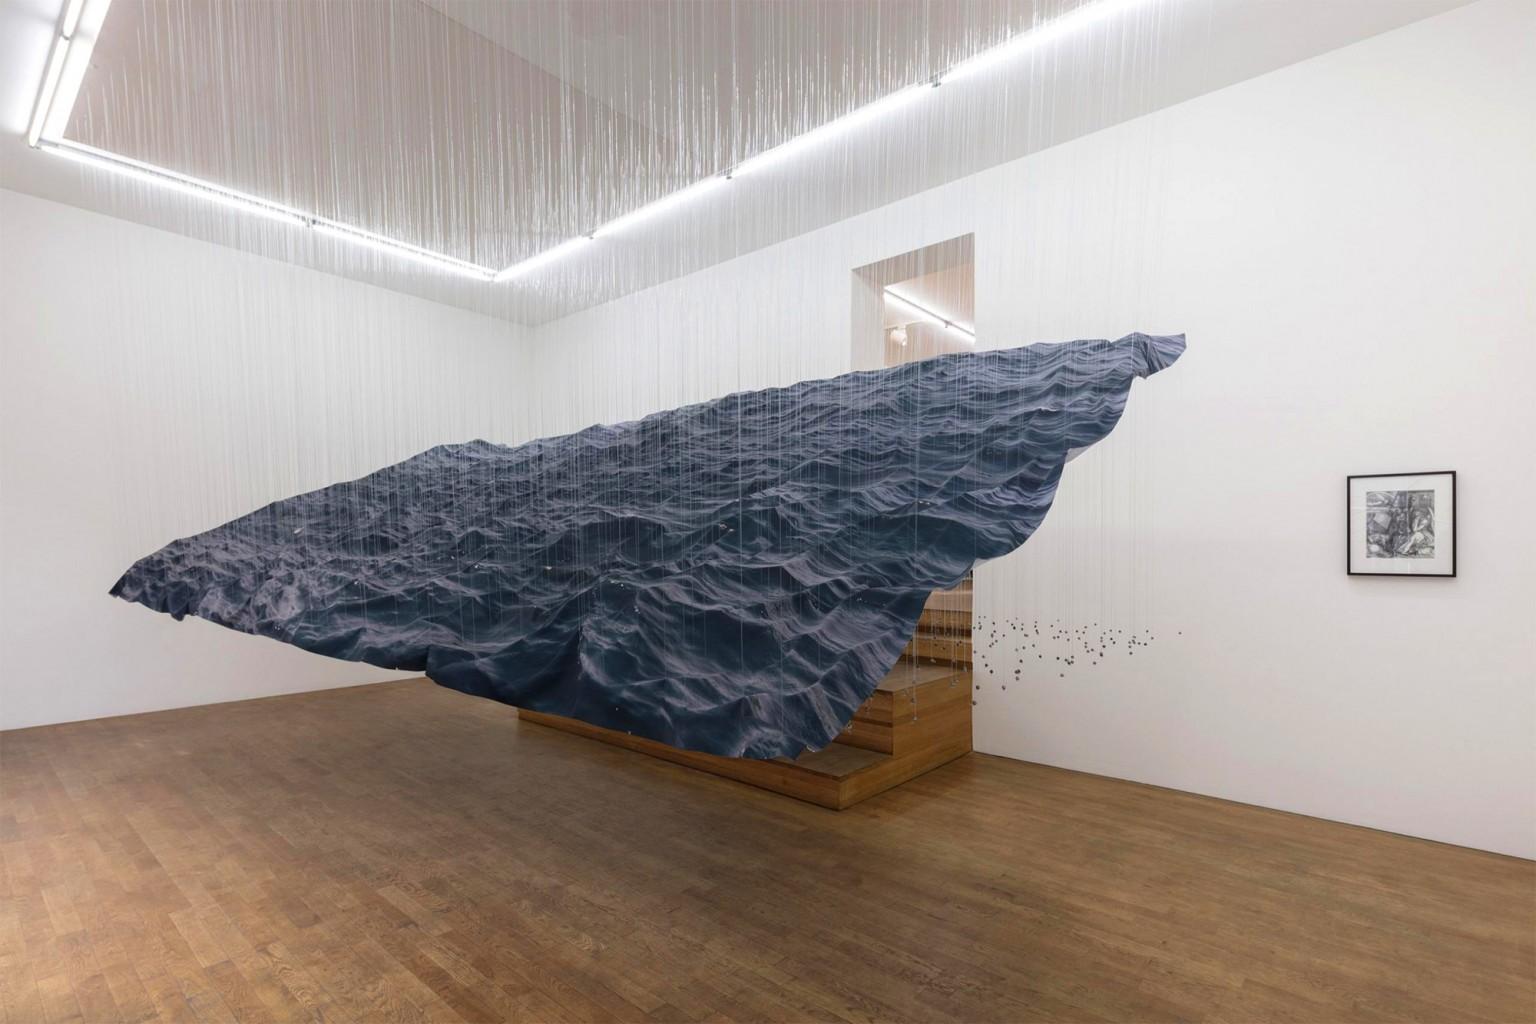 Le onde oceaniche sospese di Miguel Rothschild | Collater.al 1